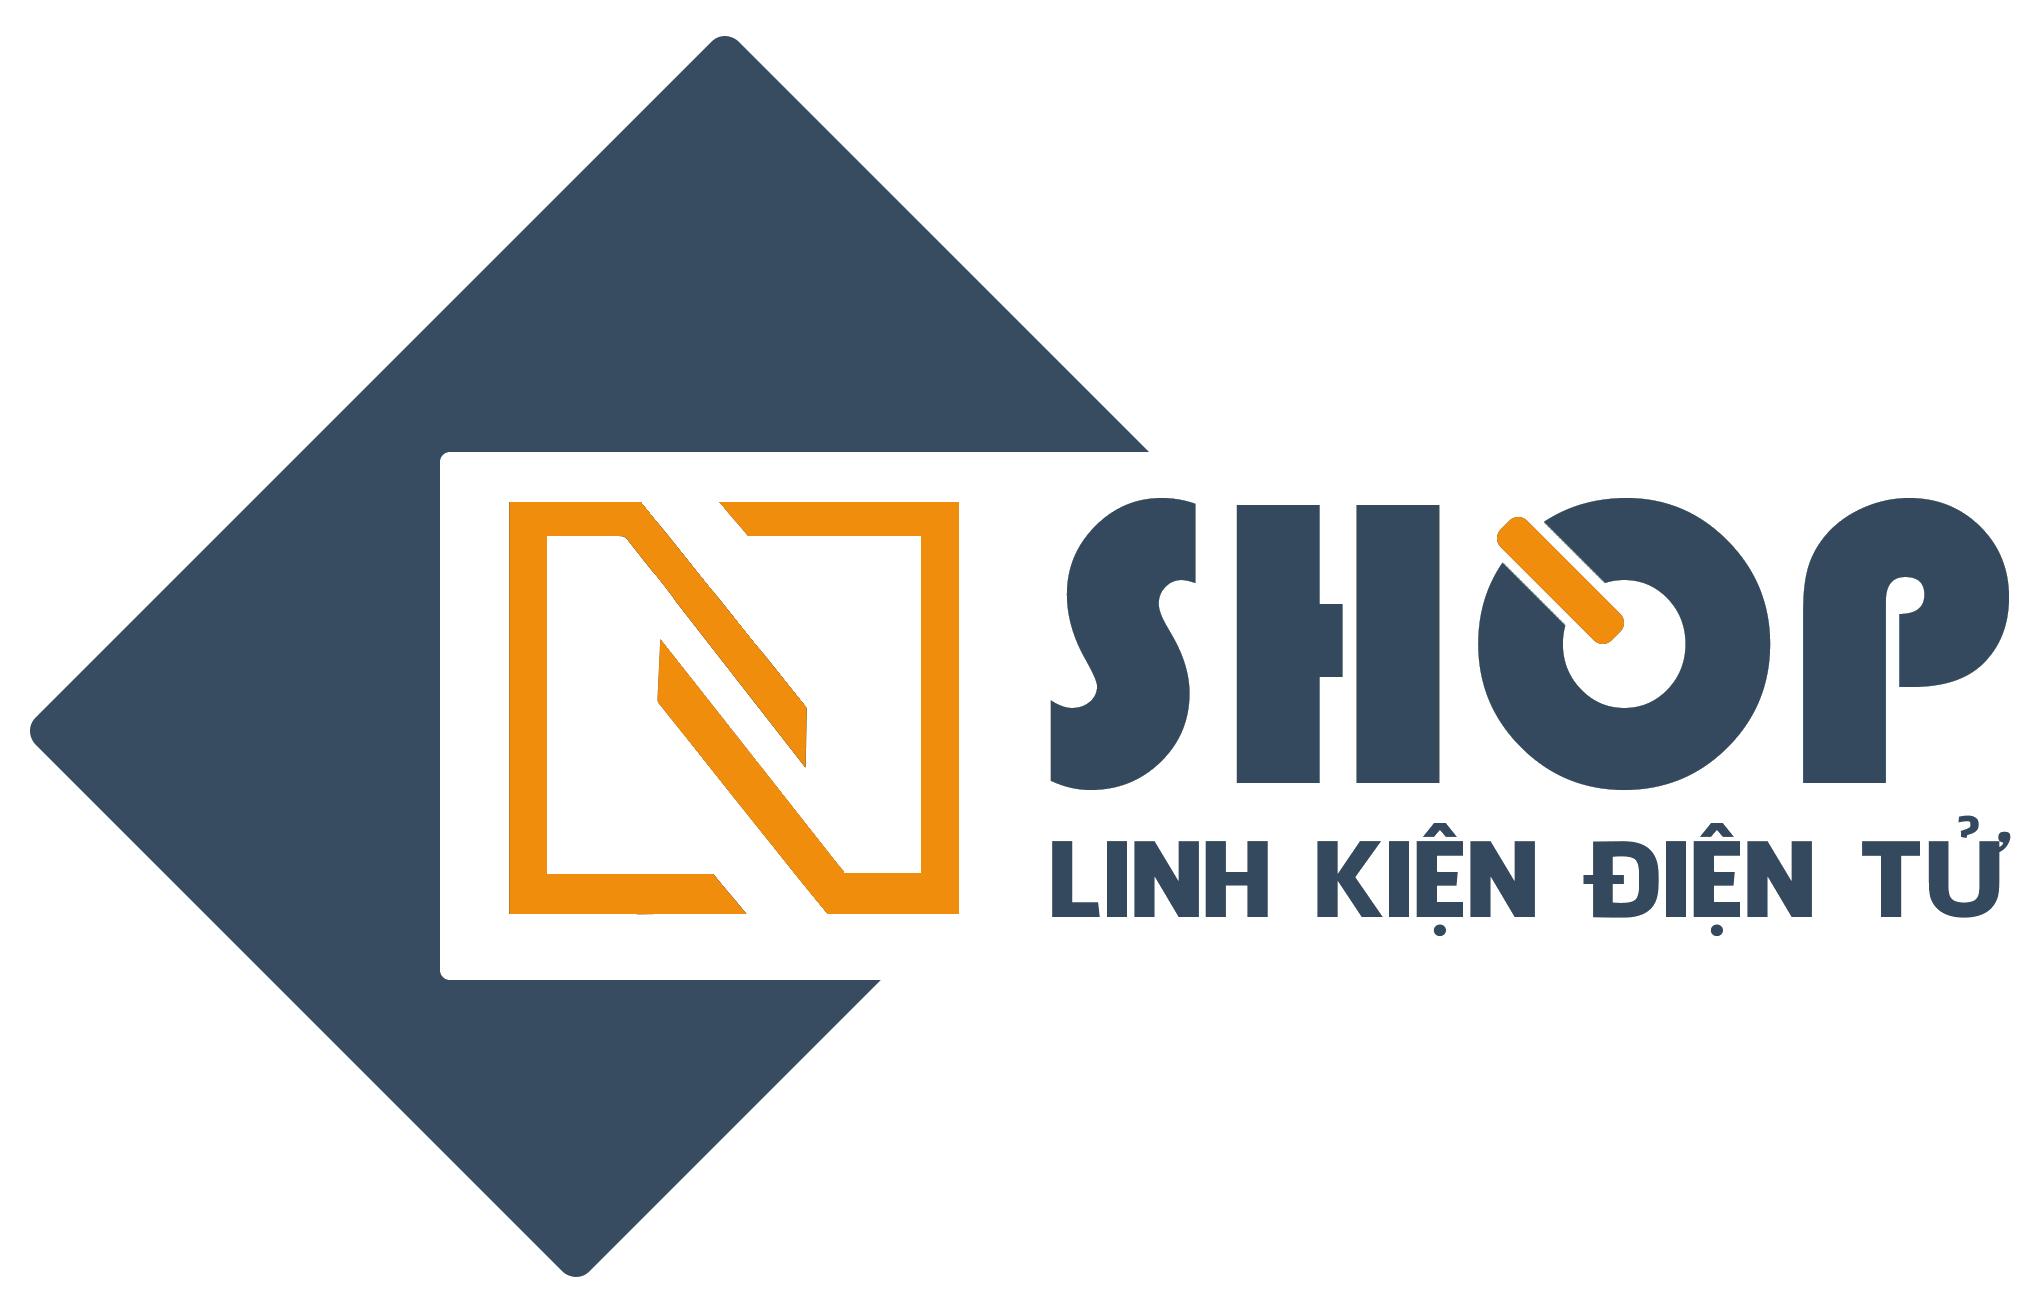 Nshop